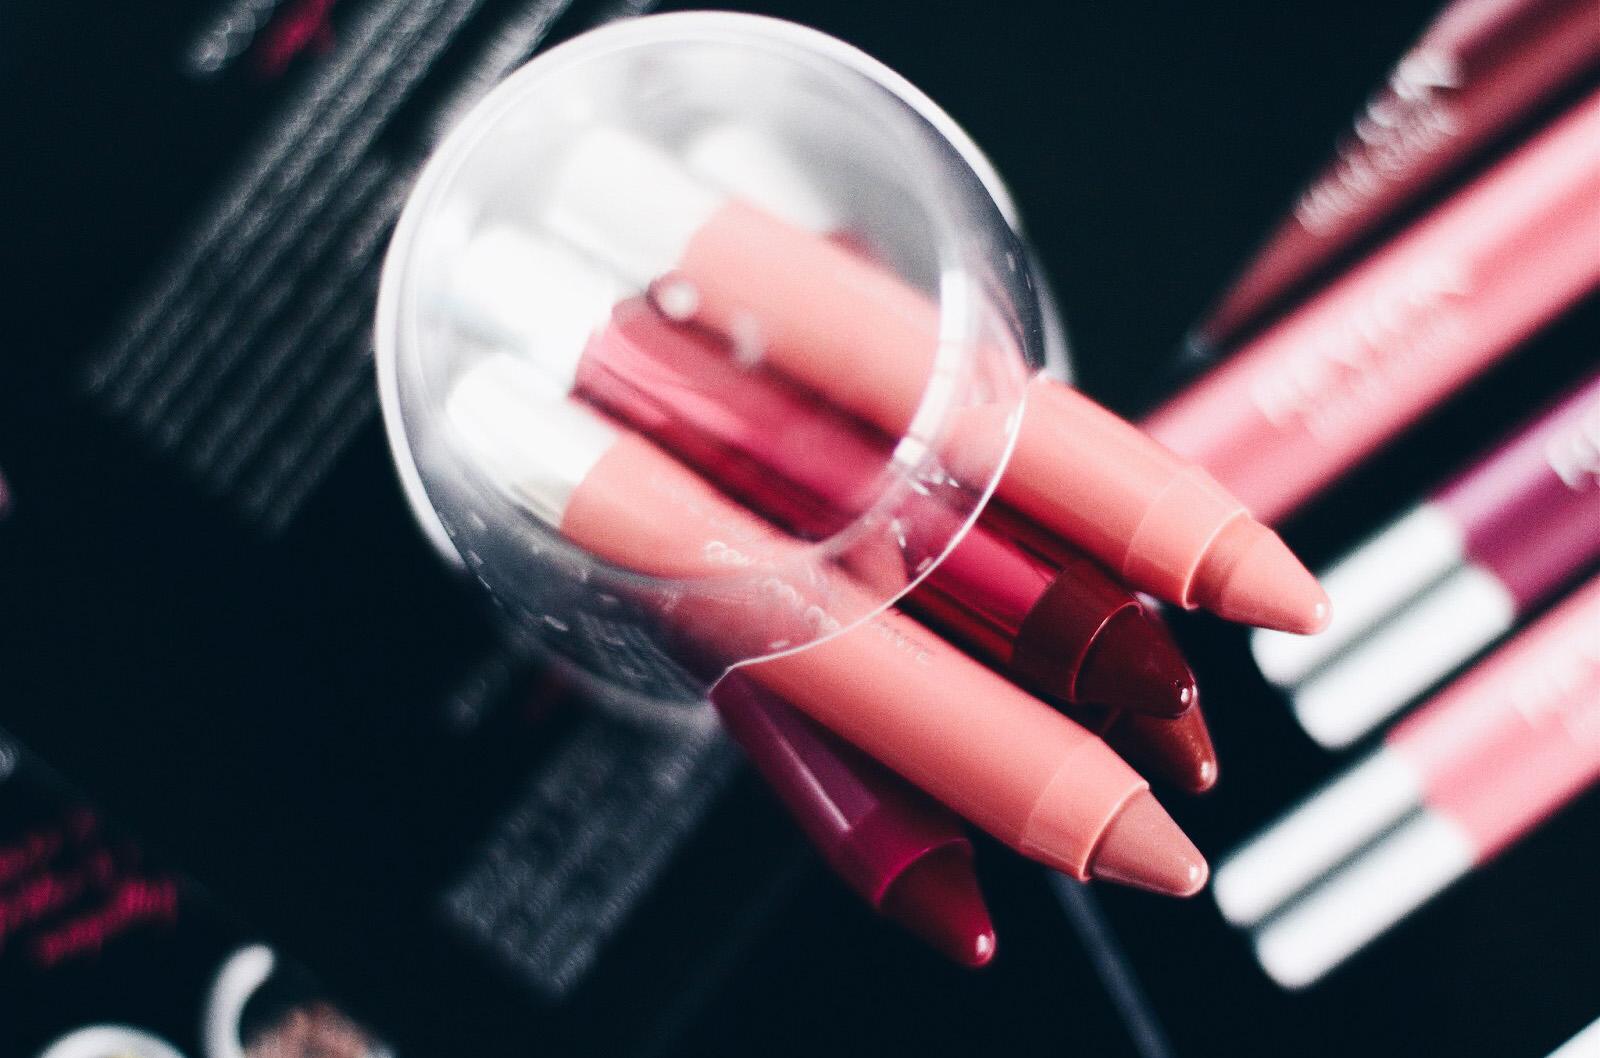 revlon colorbusrt chubby nouvelles teintes adorée irresistible desirée eprise ravissamnte 030 255 055 065 060 150 avis test swatch